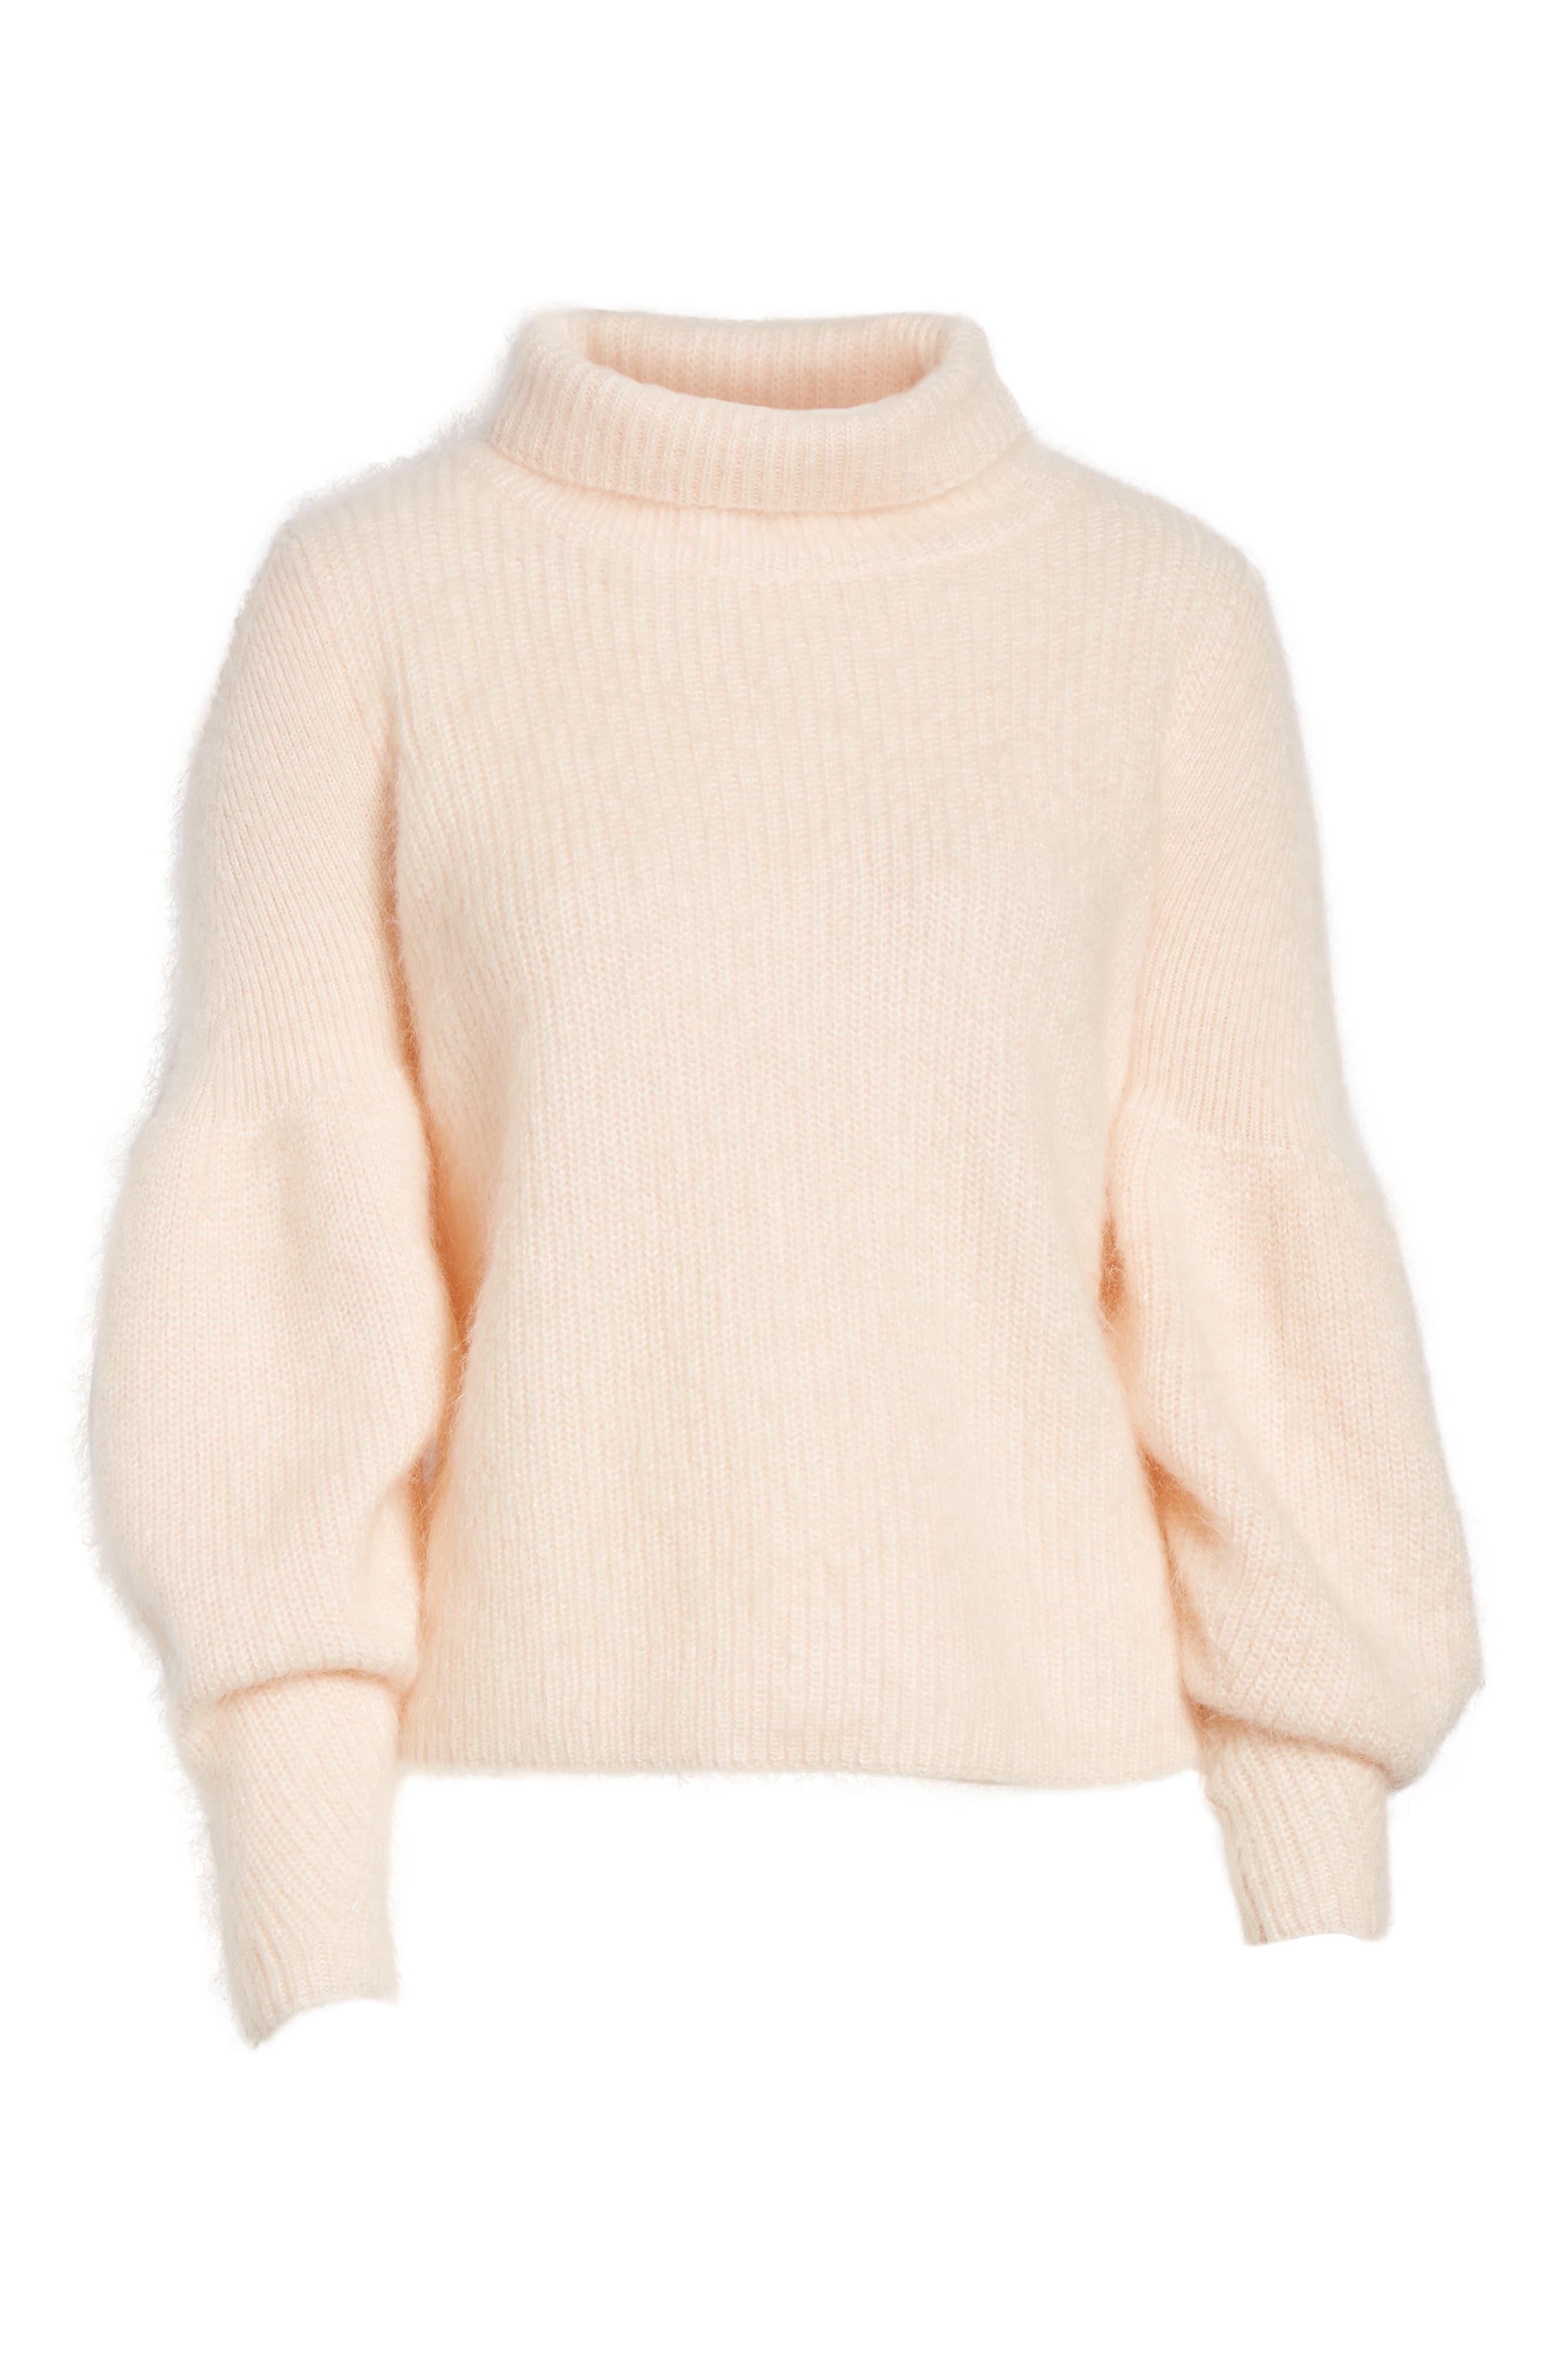 Poet Sleeve Sweater,                             Alternate thumbnail 6, color,                             Pink Peony Bud